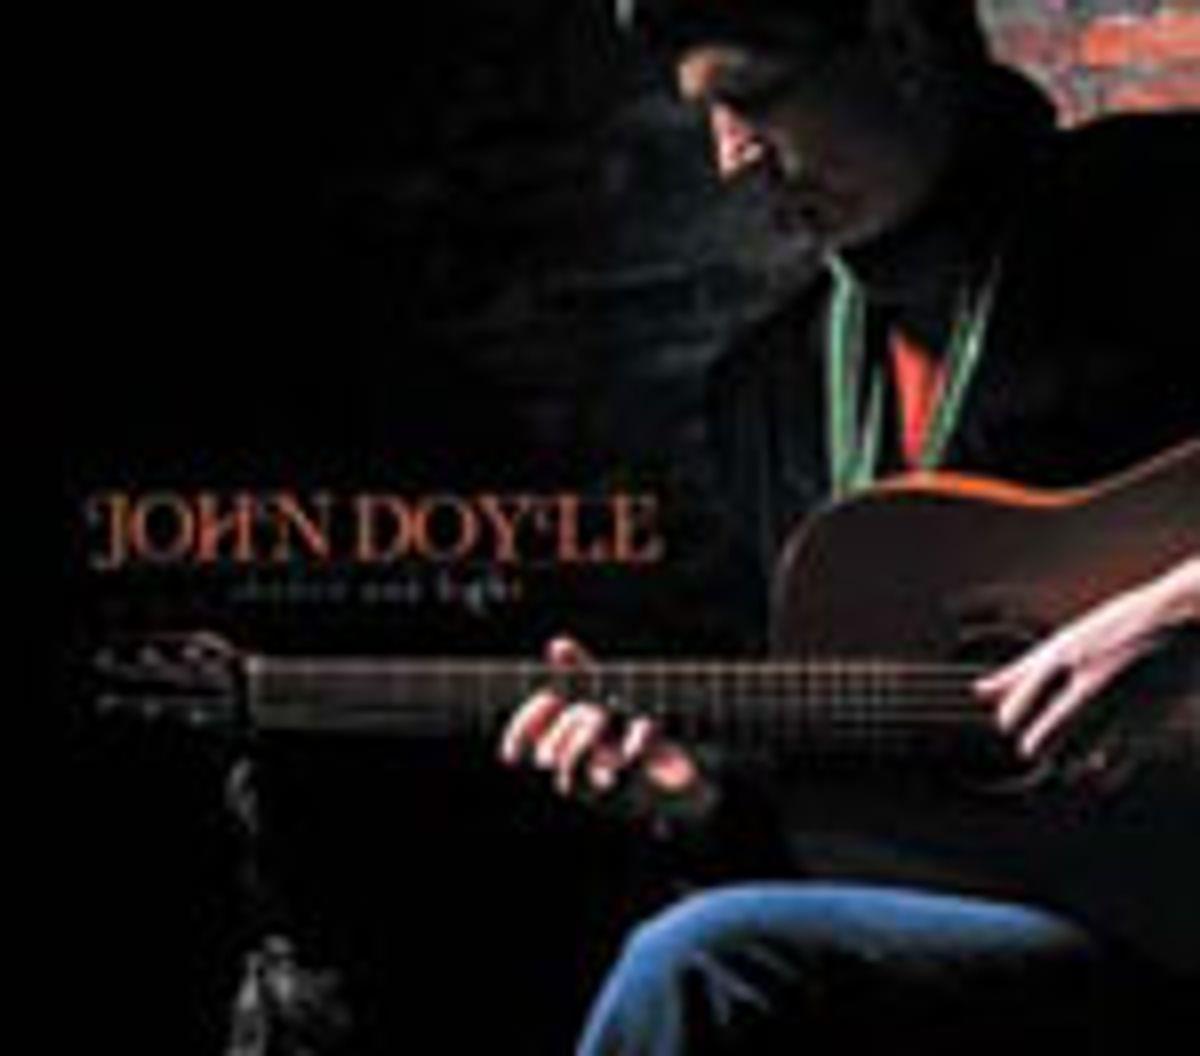 Album Review: John Doyle - Shadow and Light